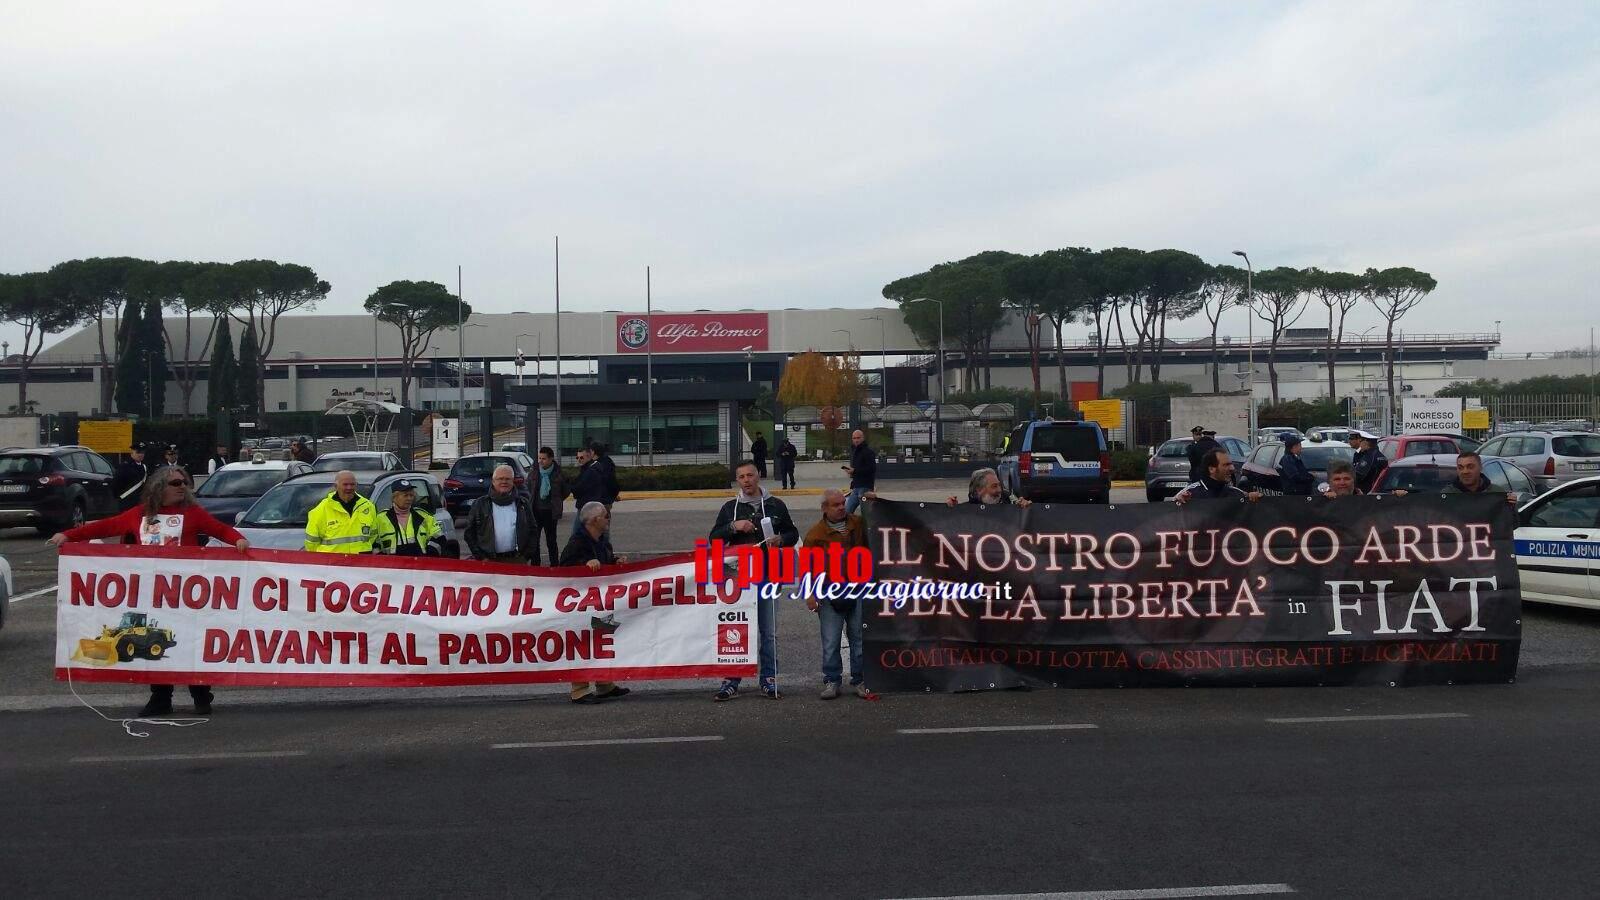 Anche i 5 operai di Pomigliano davanti i cancelli Fca di Cassino